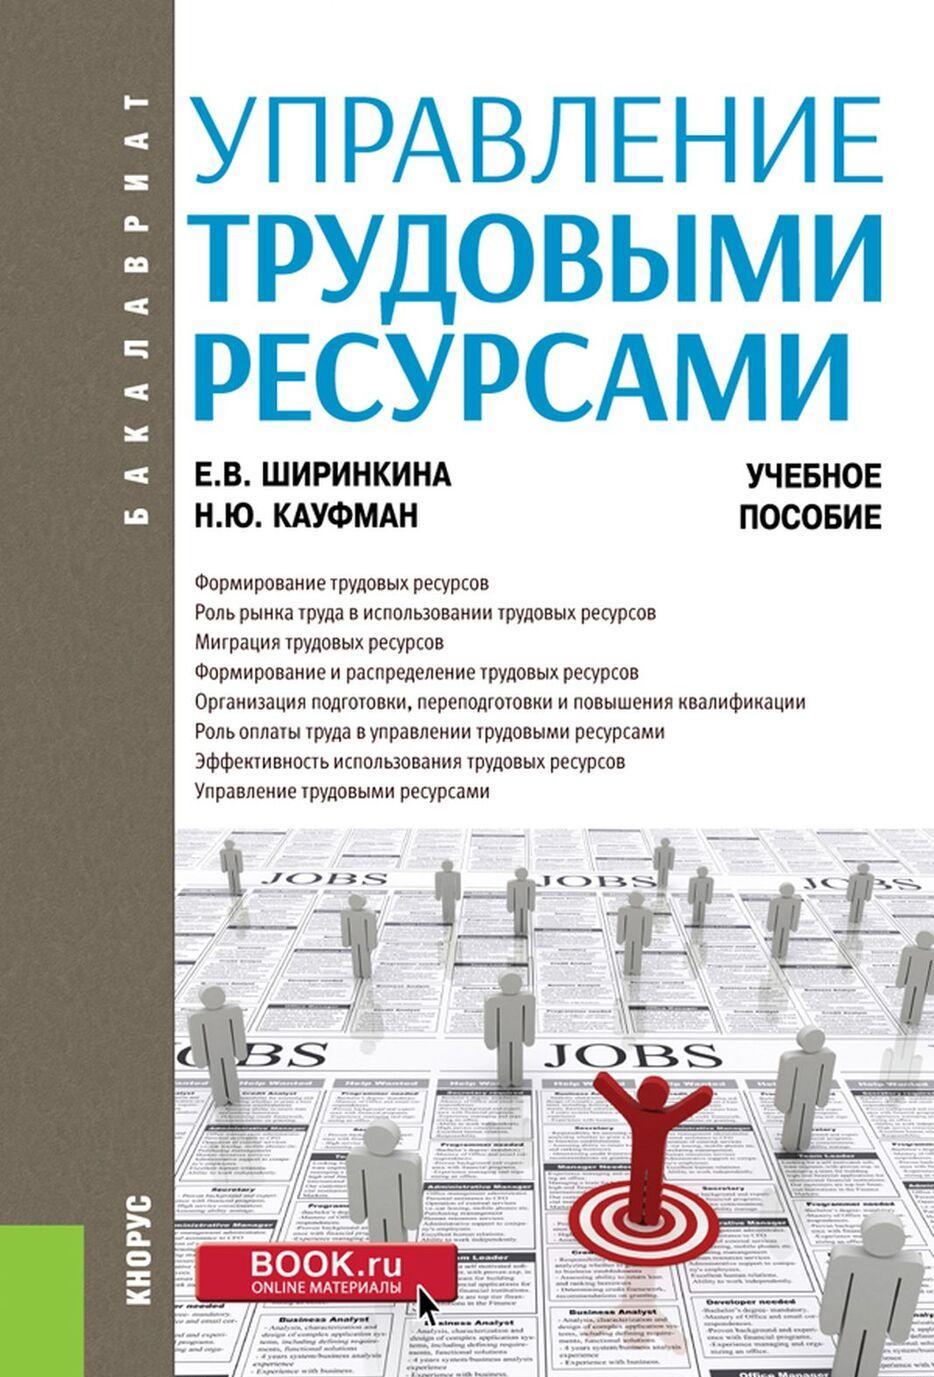 Upravlenie trudovymi resursami. Uchebnoe posobie | Shirinkina Elena Viktorovna, Kaufman Natalja Jurevna